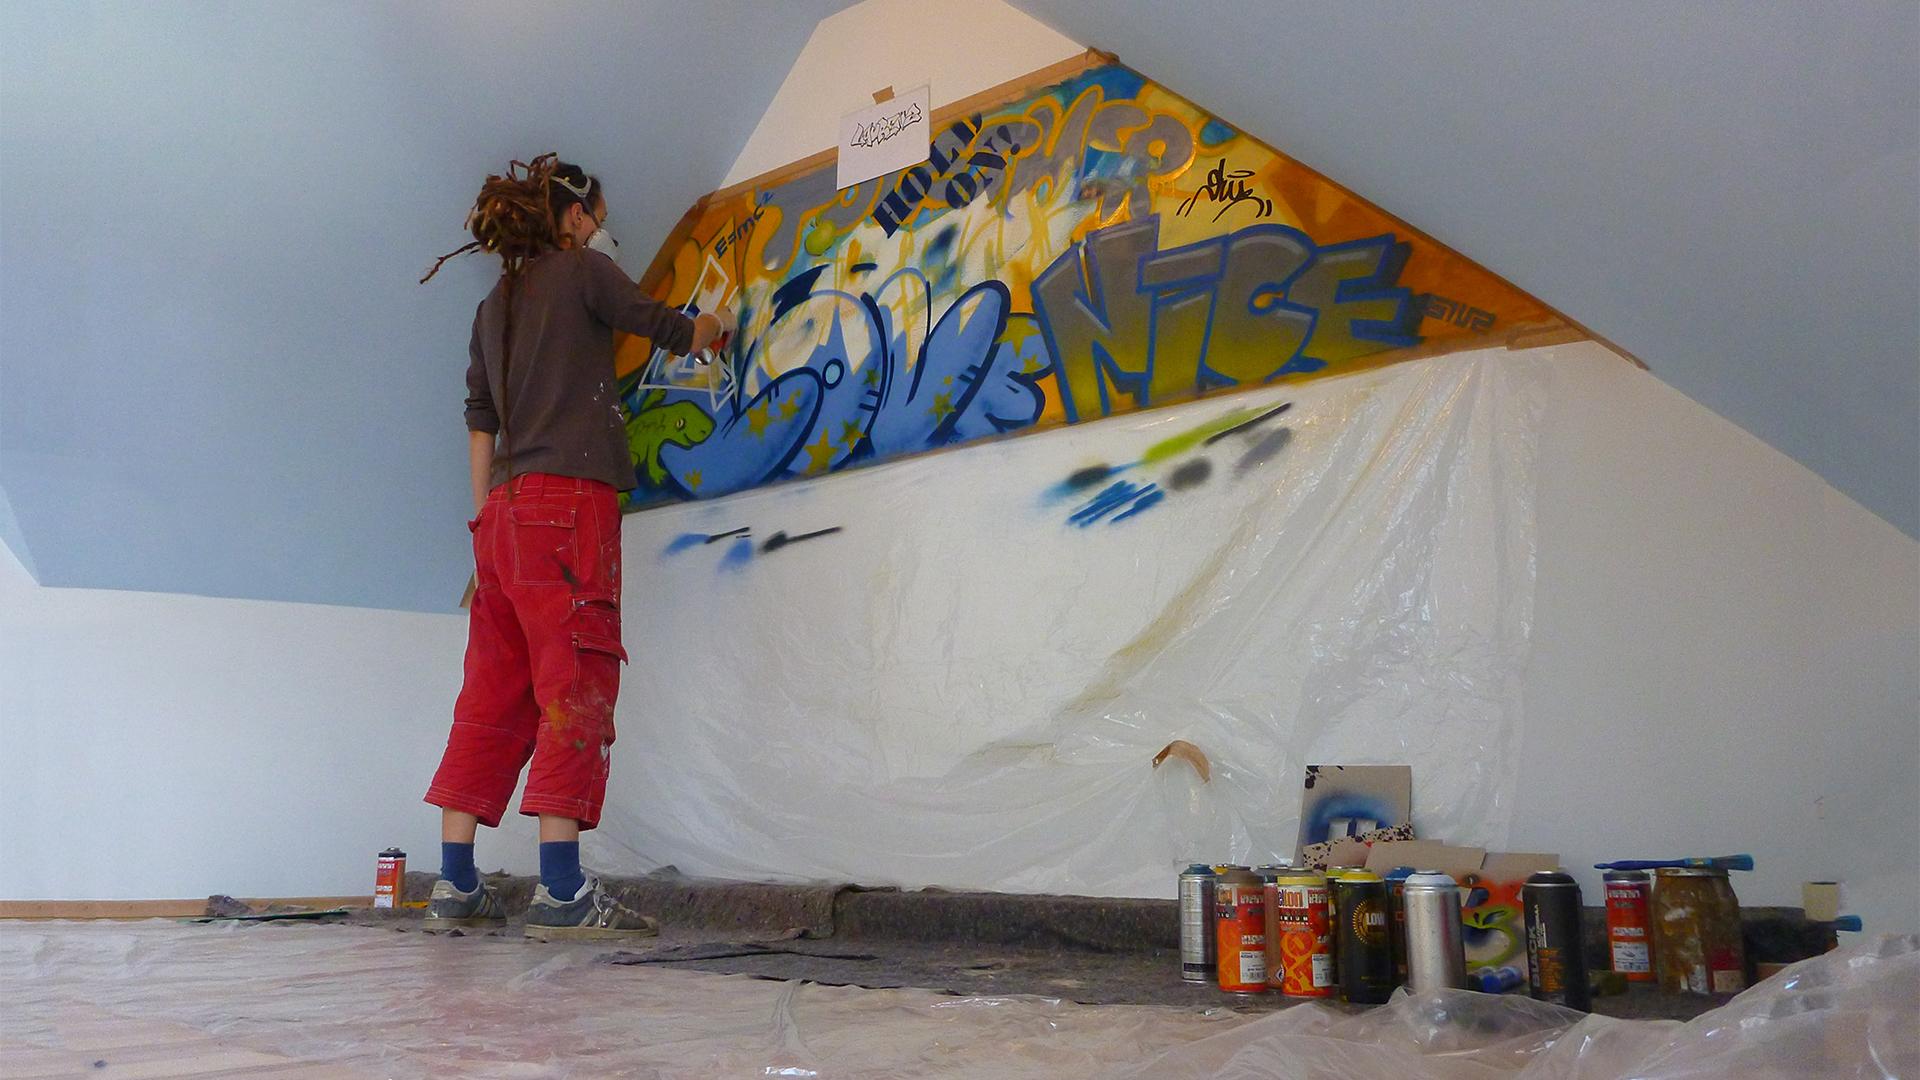 Jugendzimmer mit graffiti siuz for Graffiti jugendzimmer